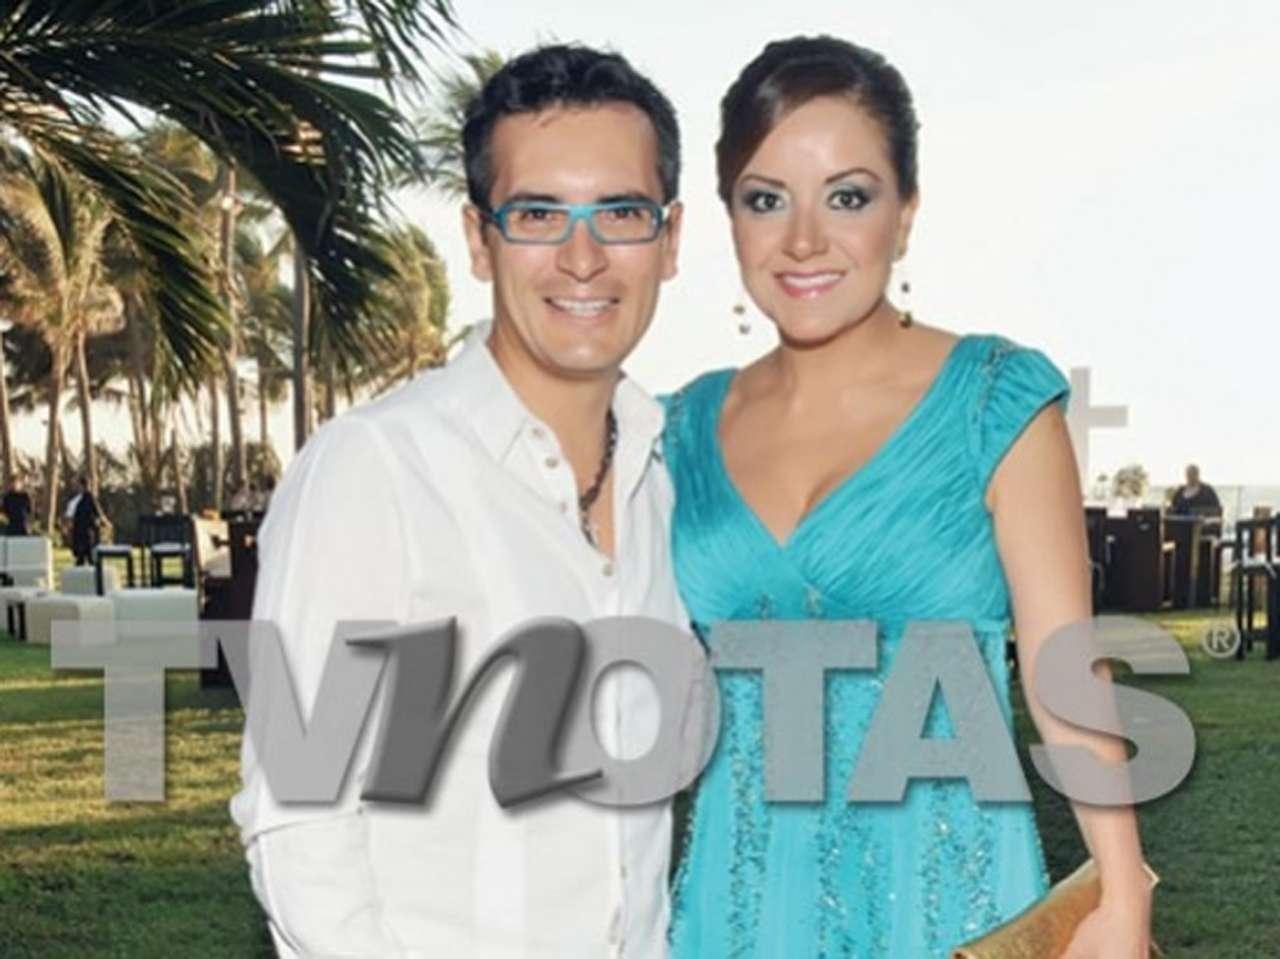 Sergio Sepúlveda decidió llegar al altar luego de vivir diez años en unión libre. Foto: TV Notas